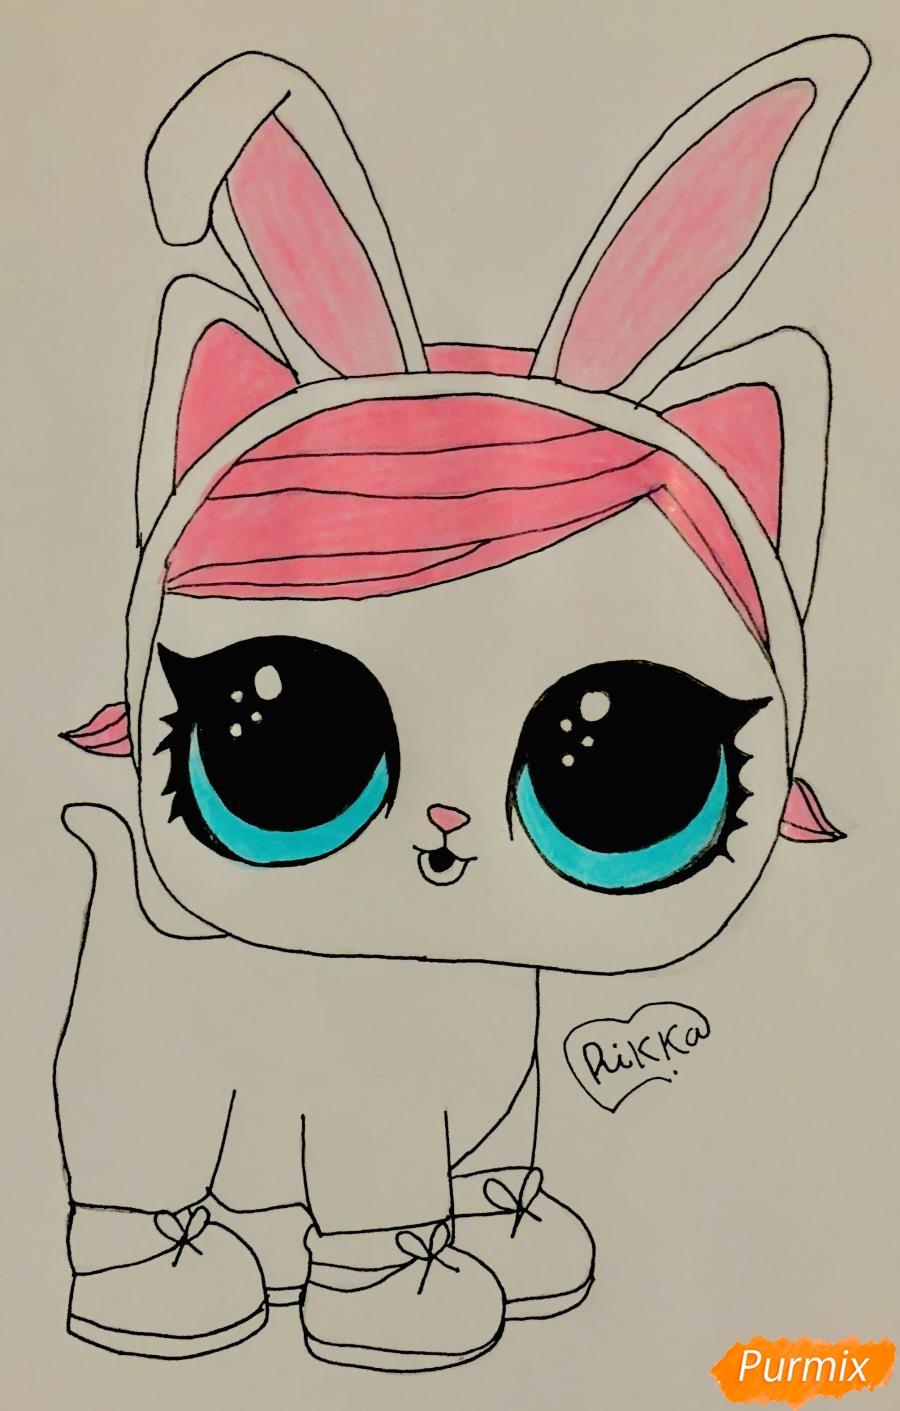 Рисуем белую кошечку с кроличьими ушками из мультфильма Lol Pets - шаг 7